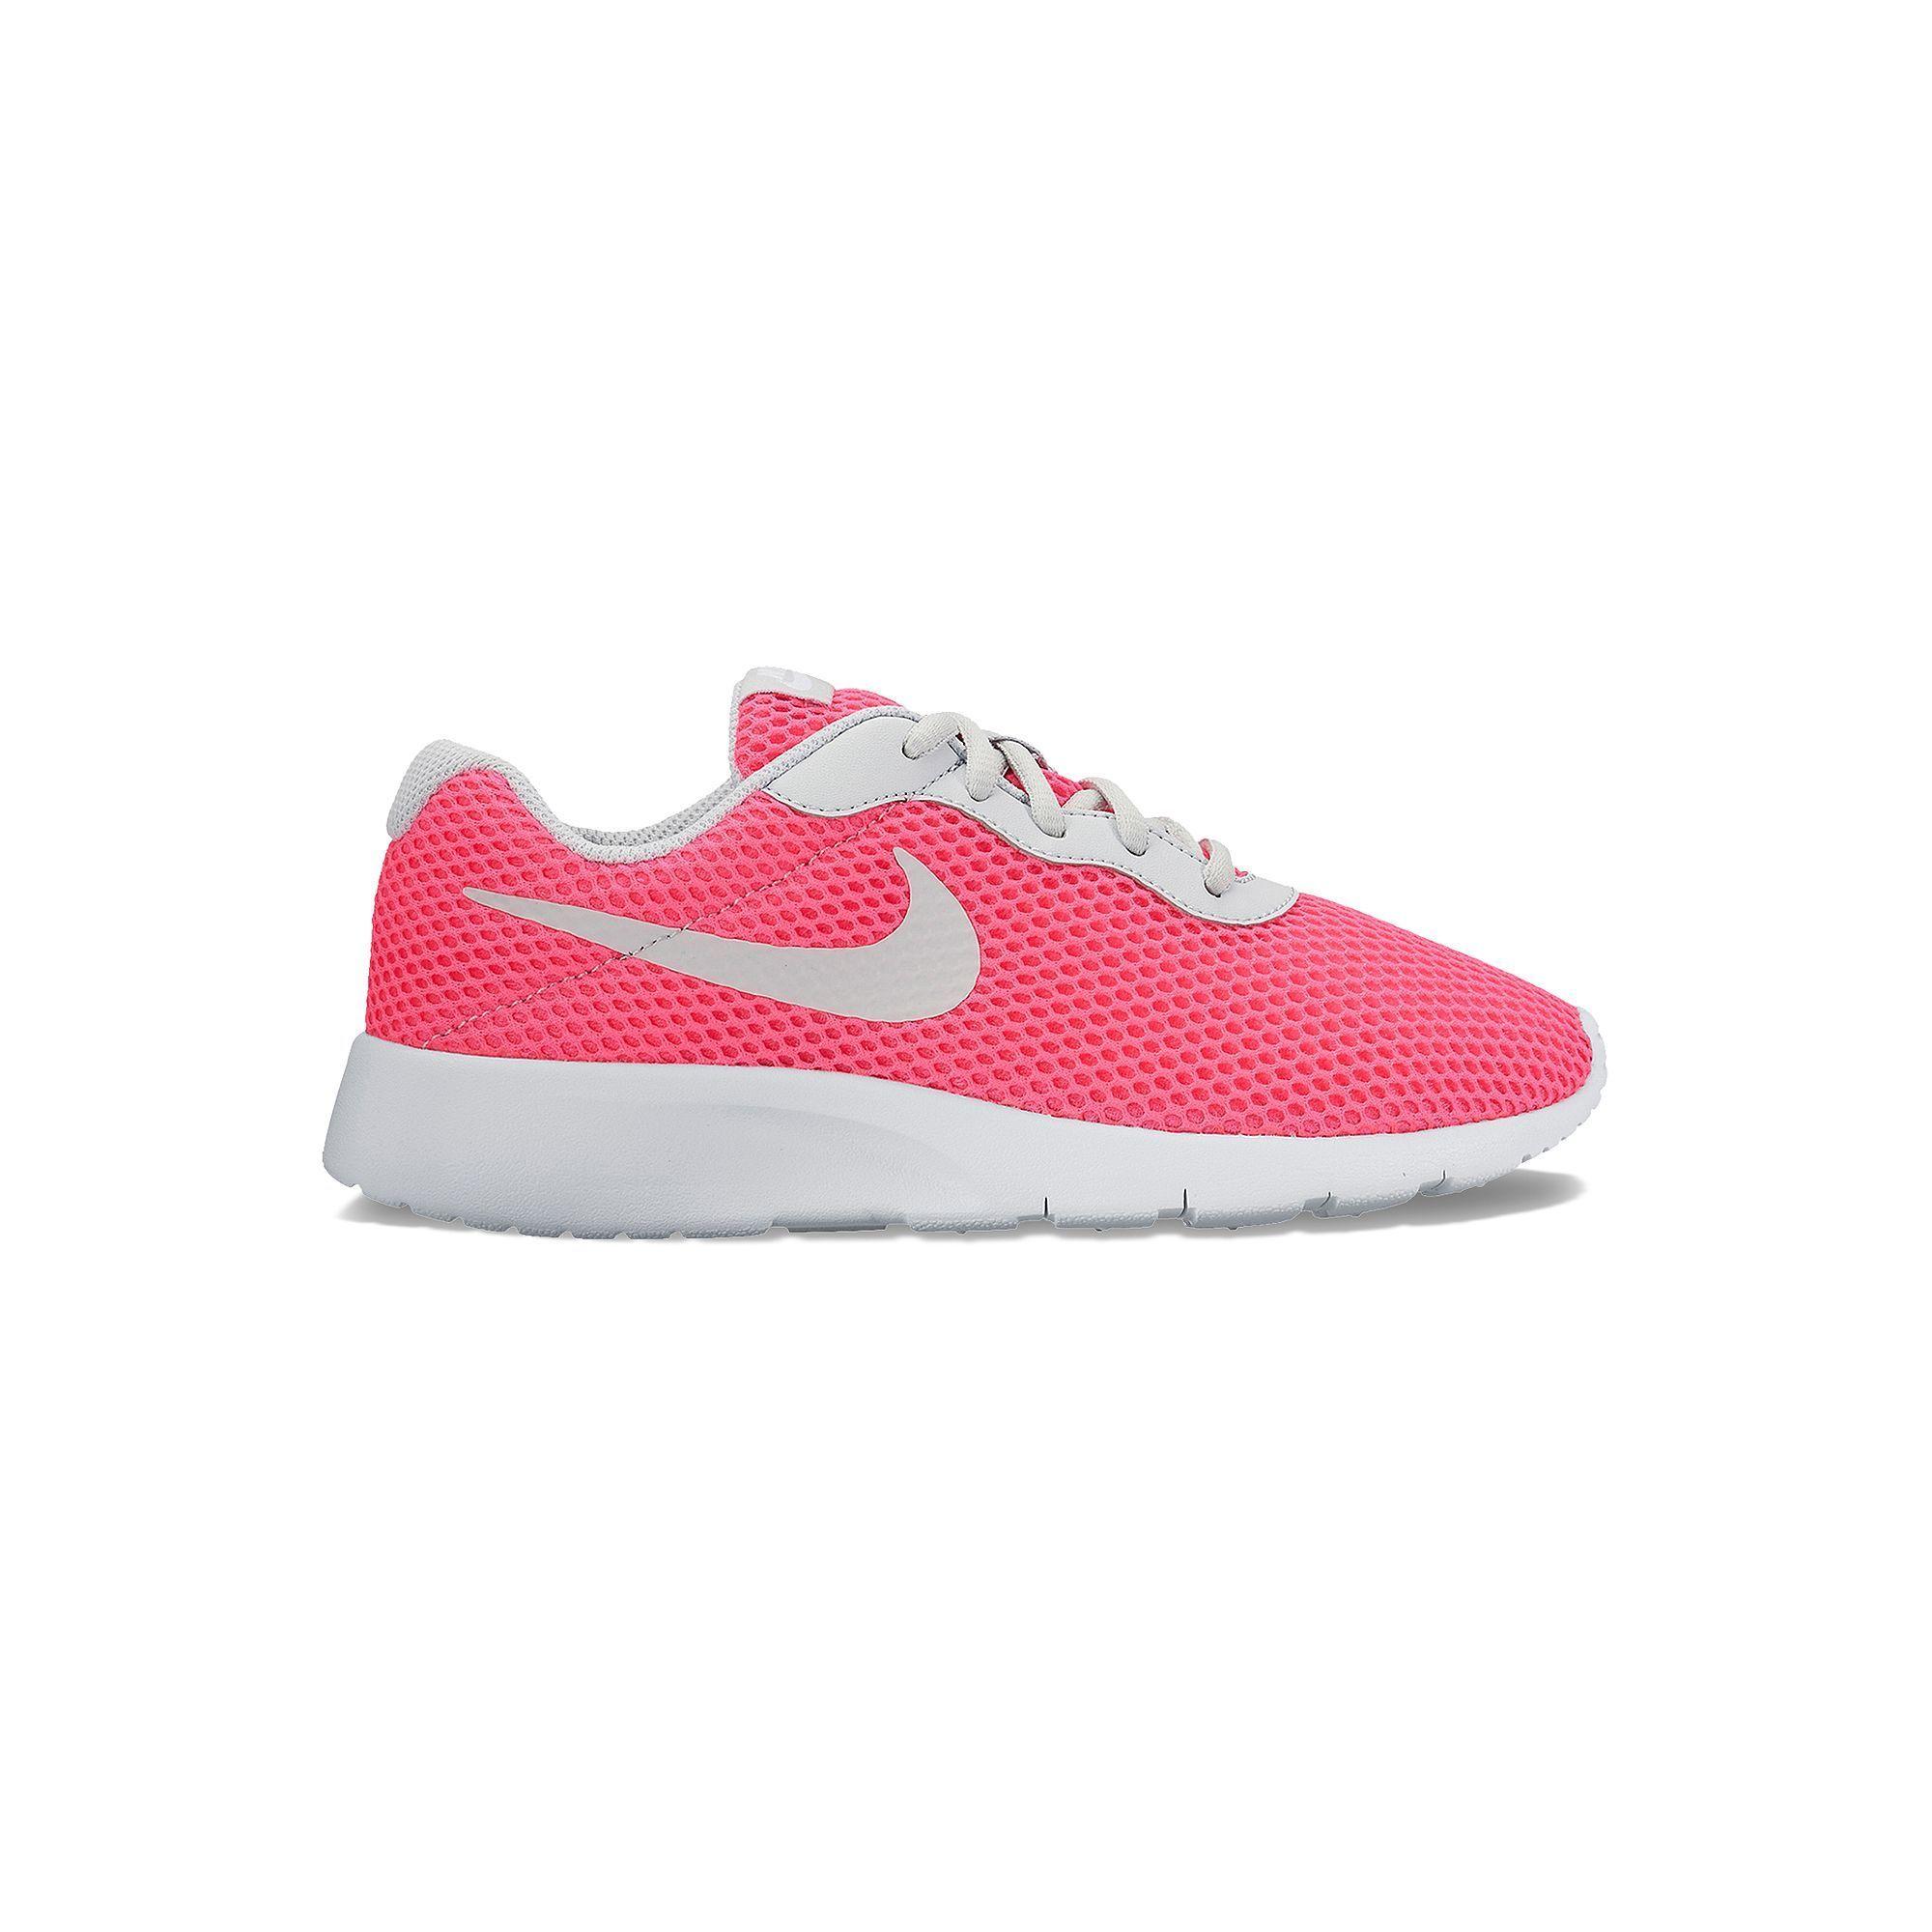 82ad5eb8e4c6b7 Nike Tanjun Breathe Grade School Girls  Sneakers